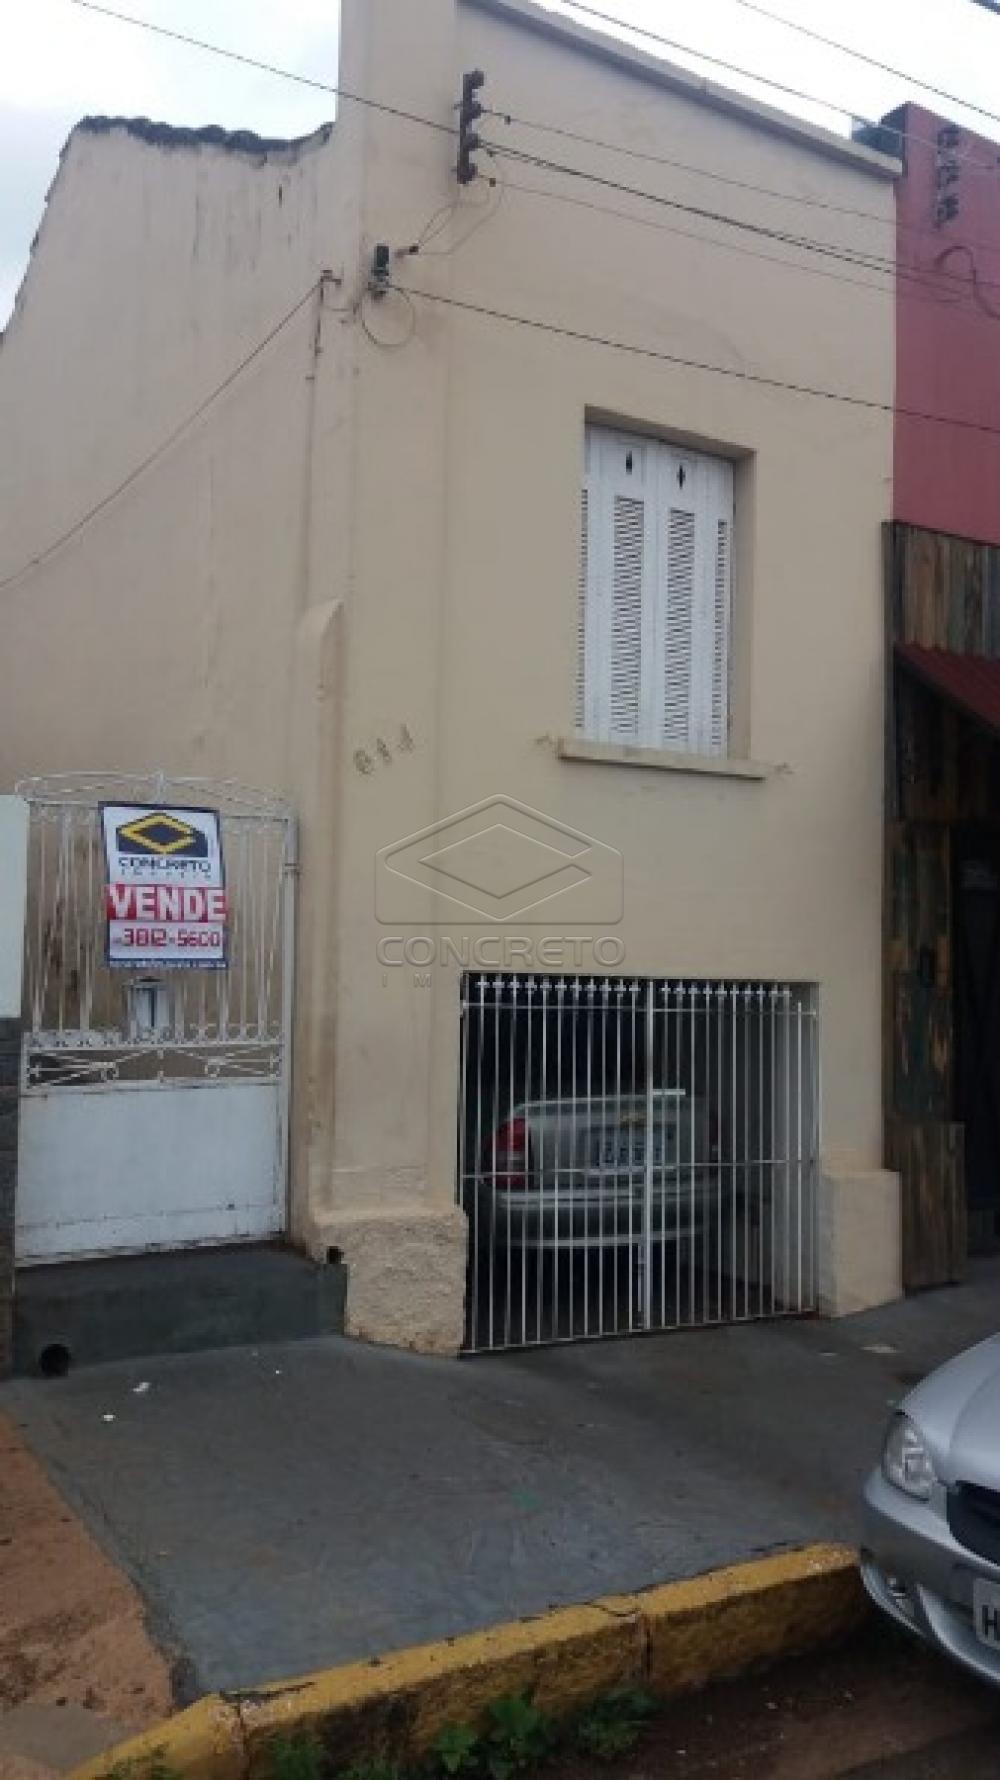 Comprar Casa / Padrão em Sao Manuel R$ 180.000,00 - Foto 2